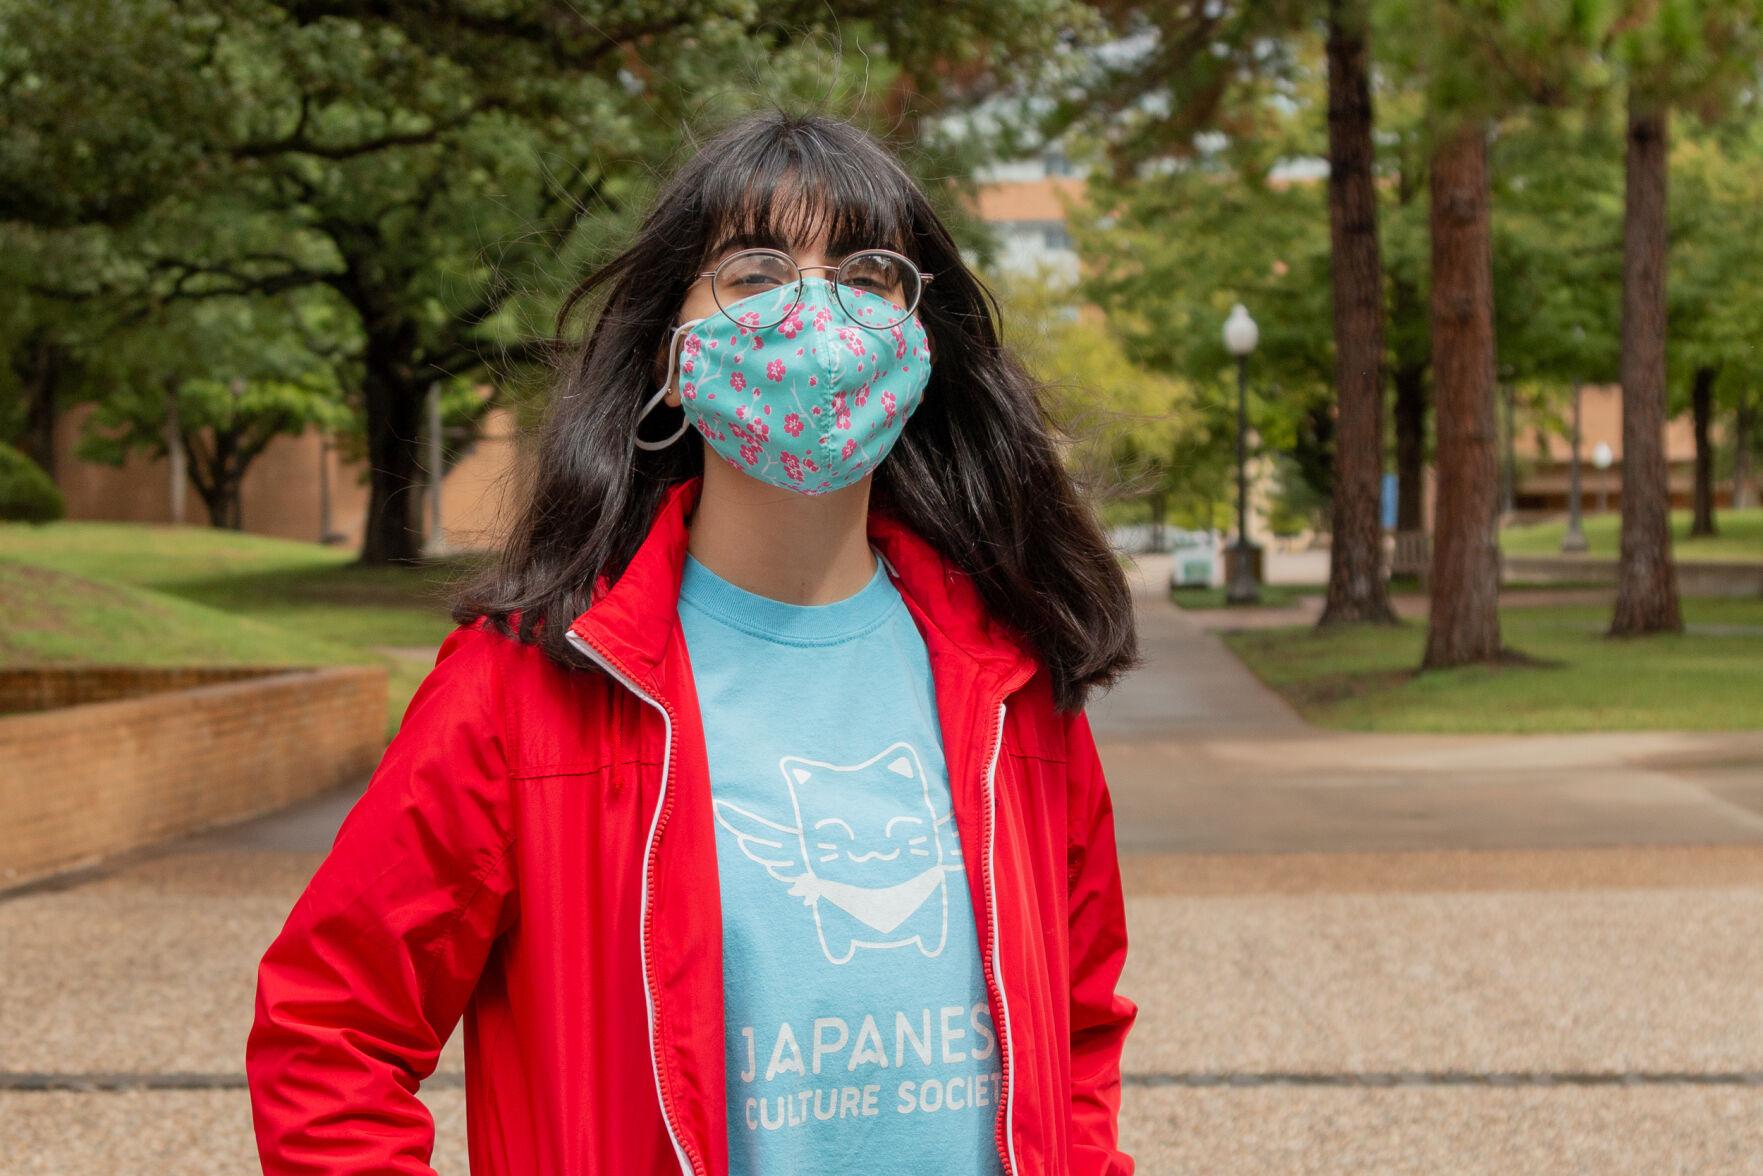 Faces of UTA: Making masks meaningful